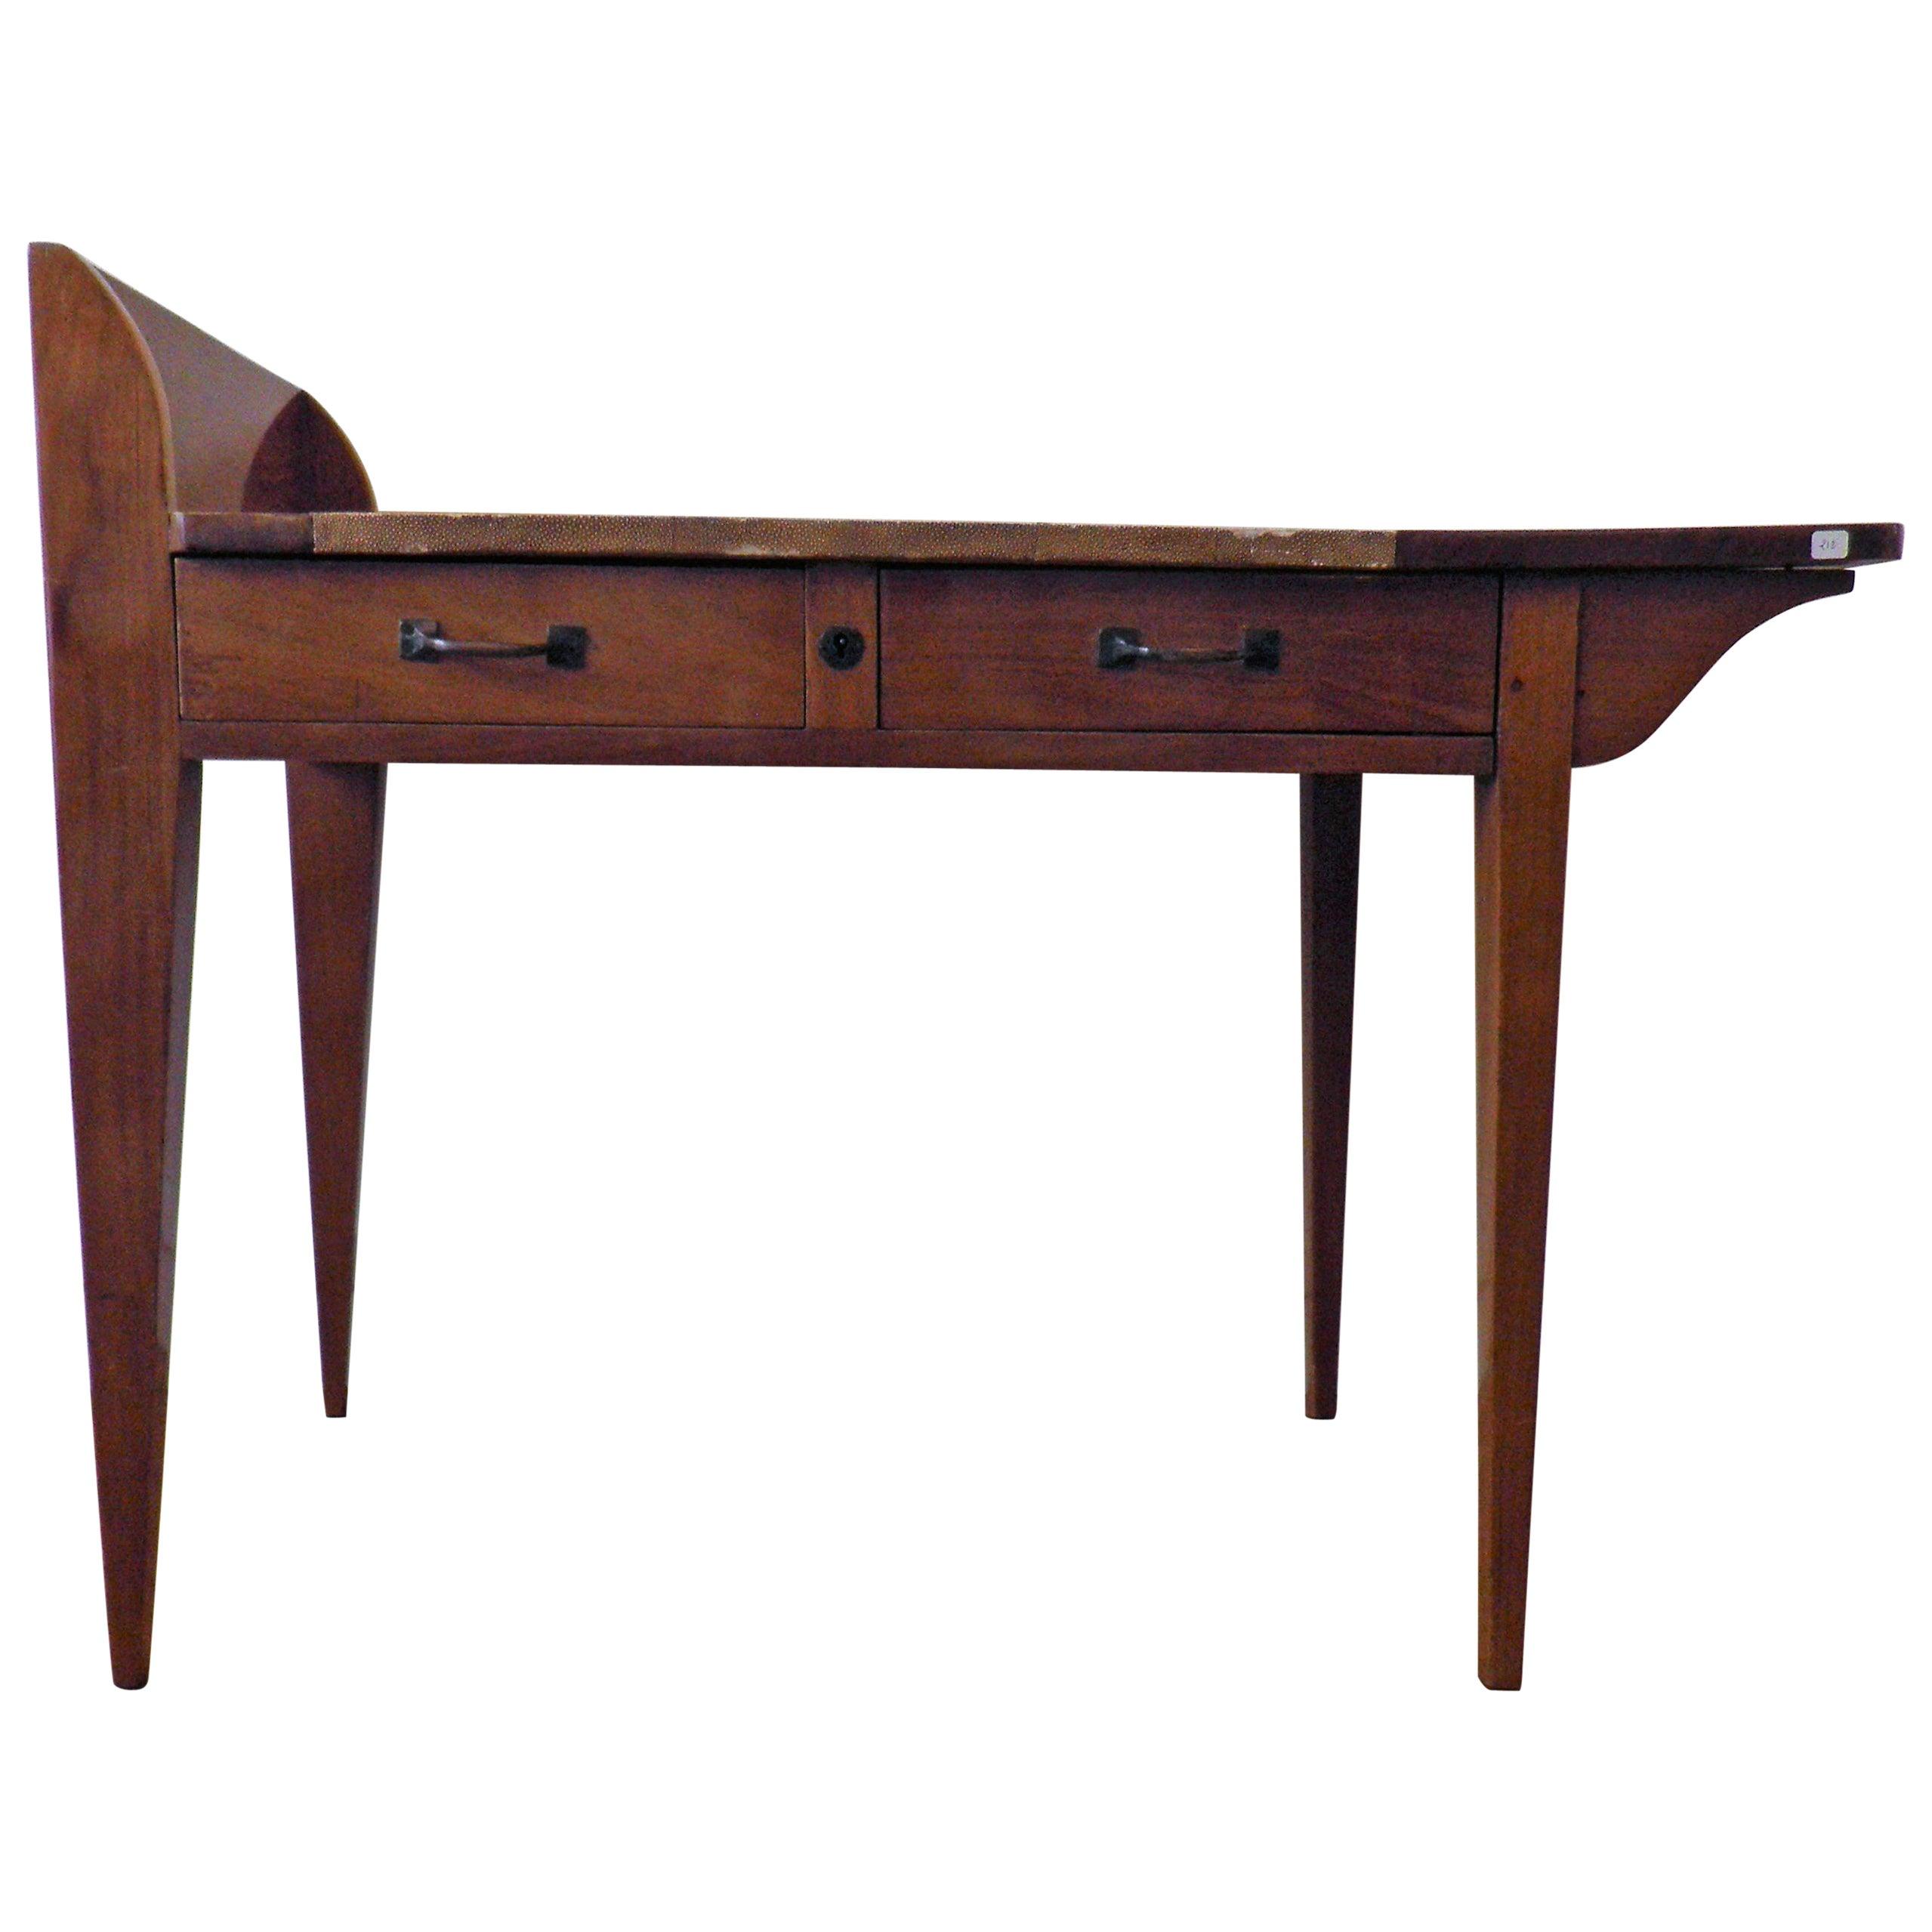 Exceptional Asymmetric Student Desk by Eugène Printz, Art Déco, France, 1930s